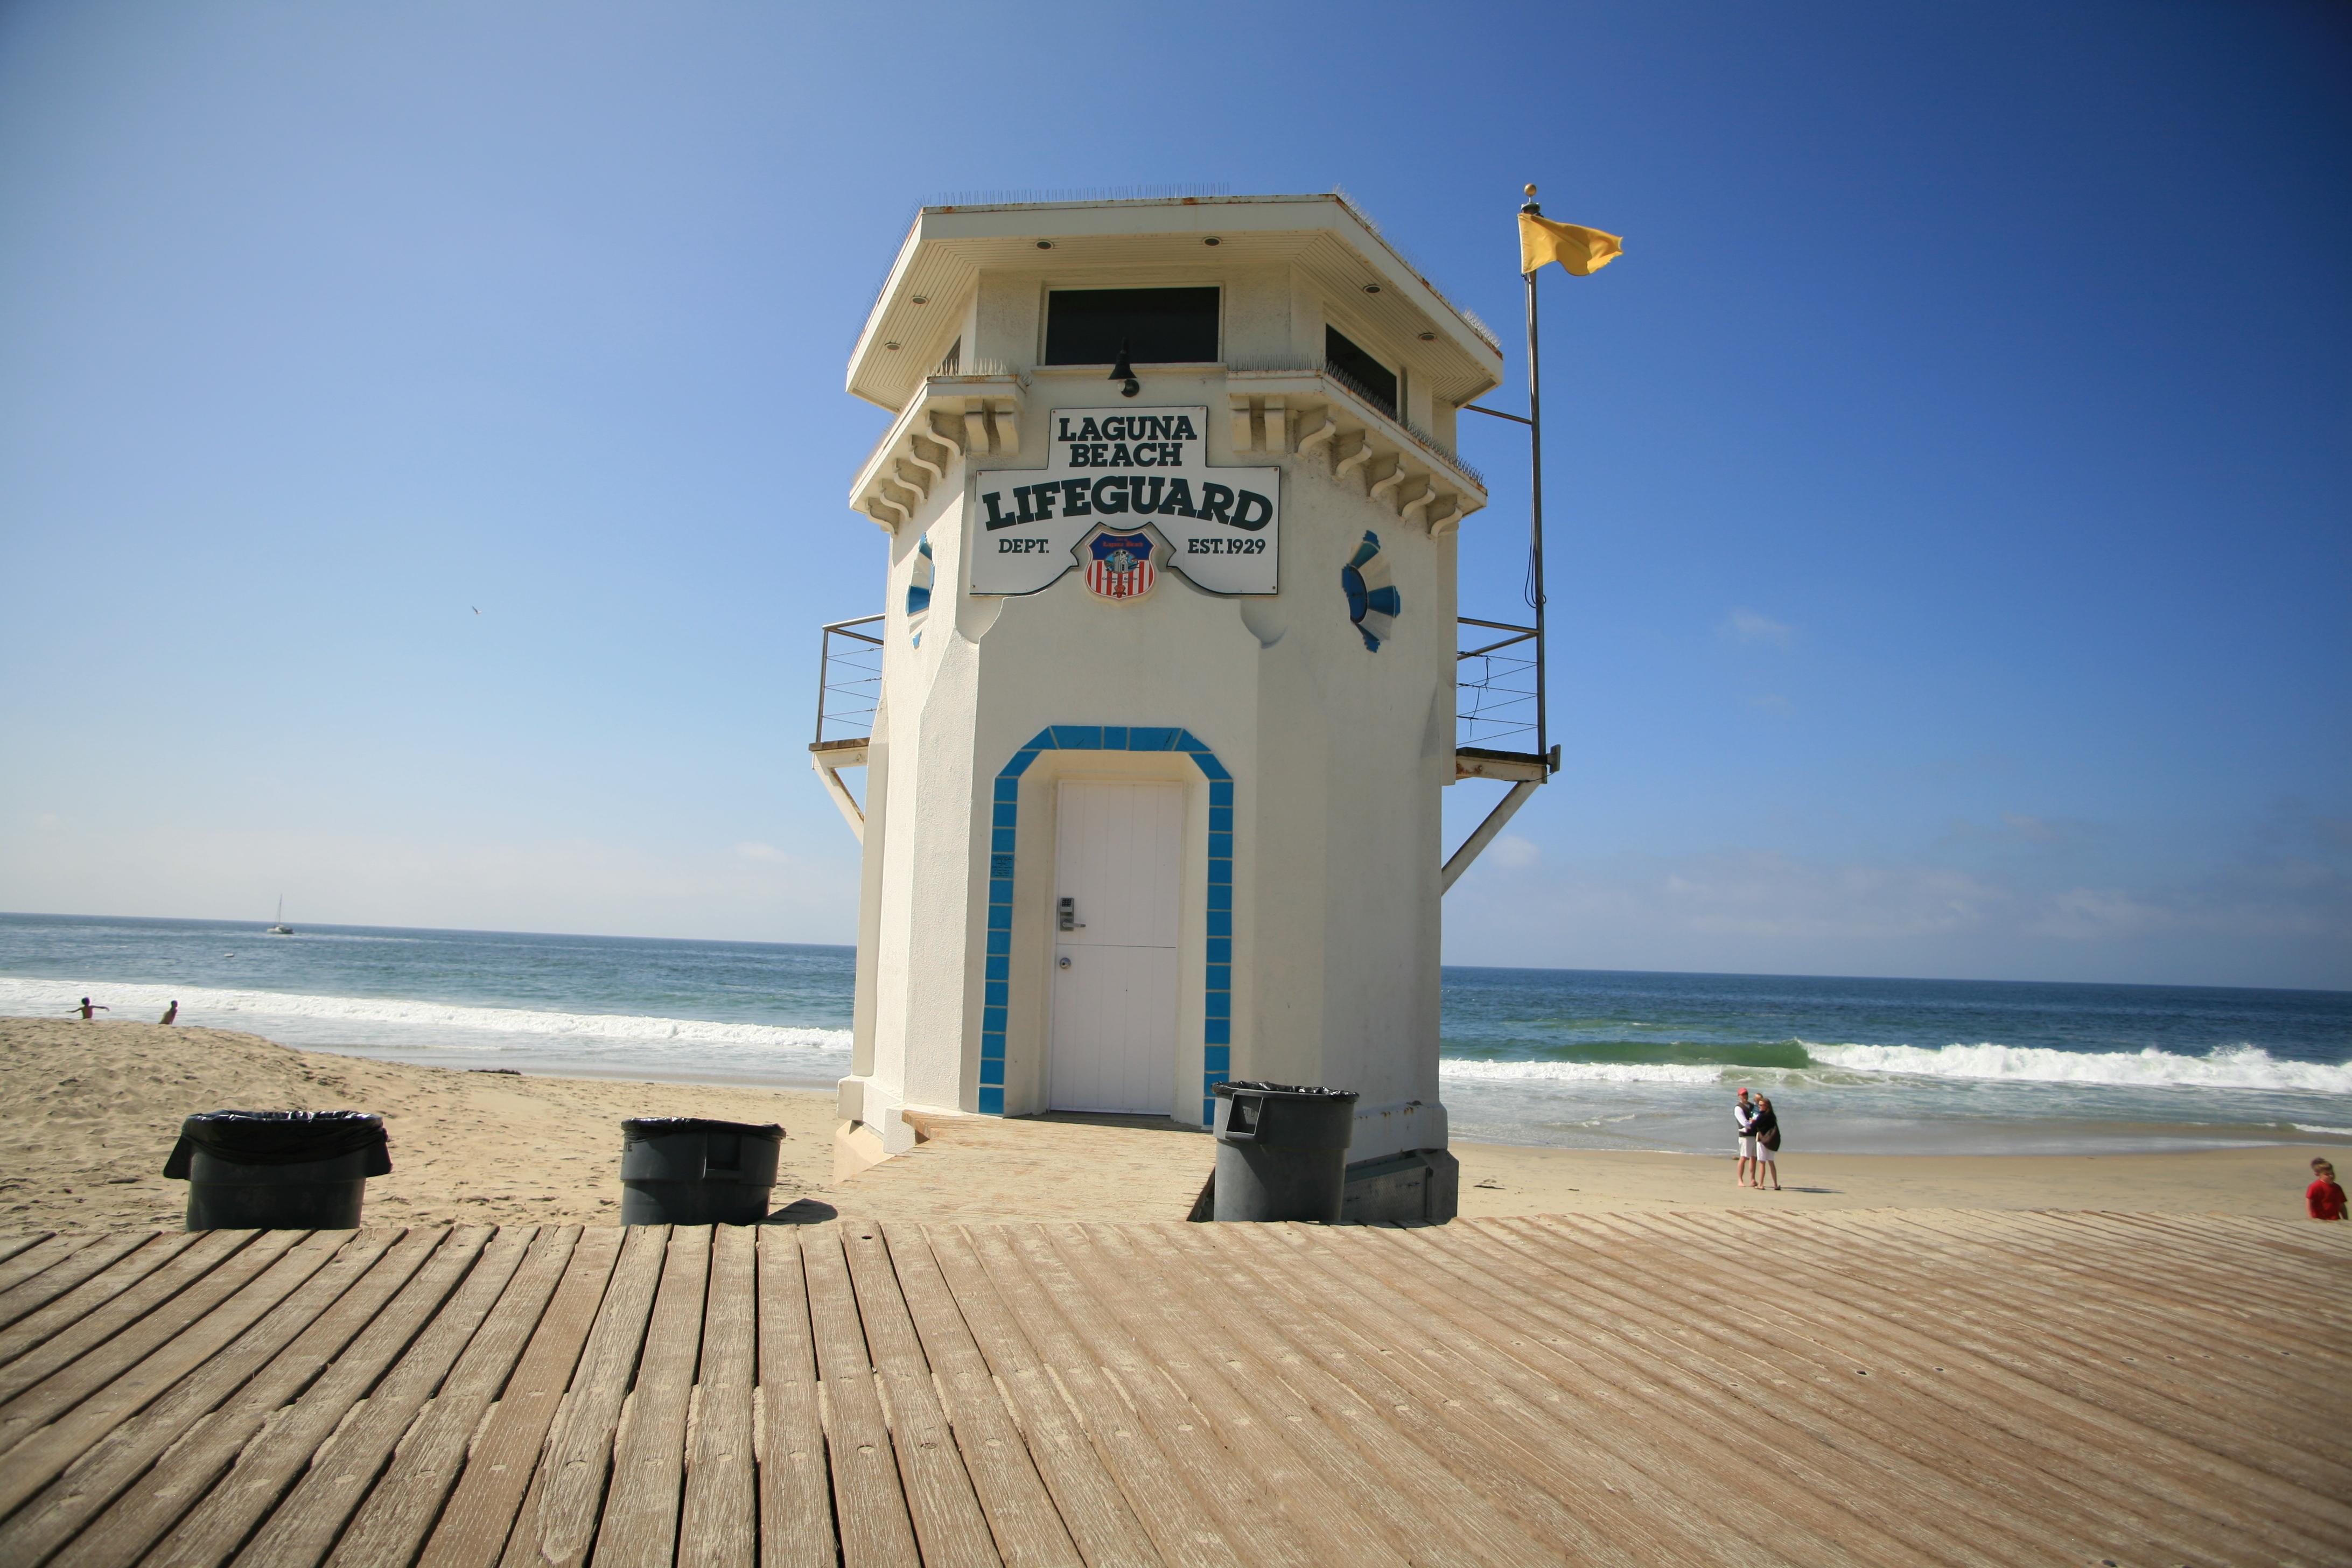 Laguna Beach community image